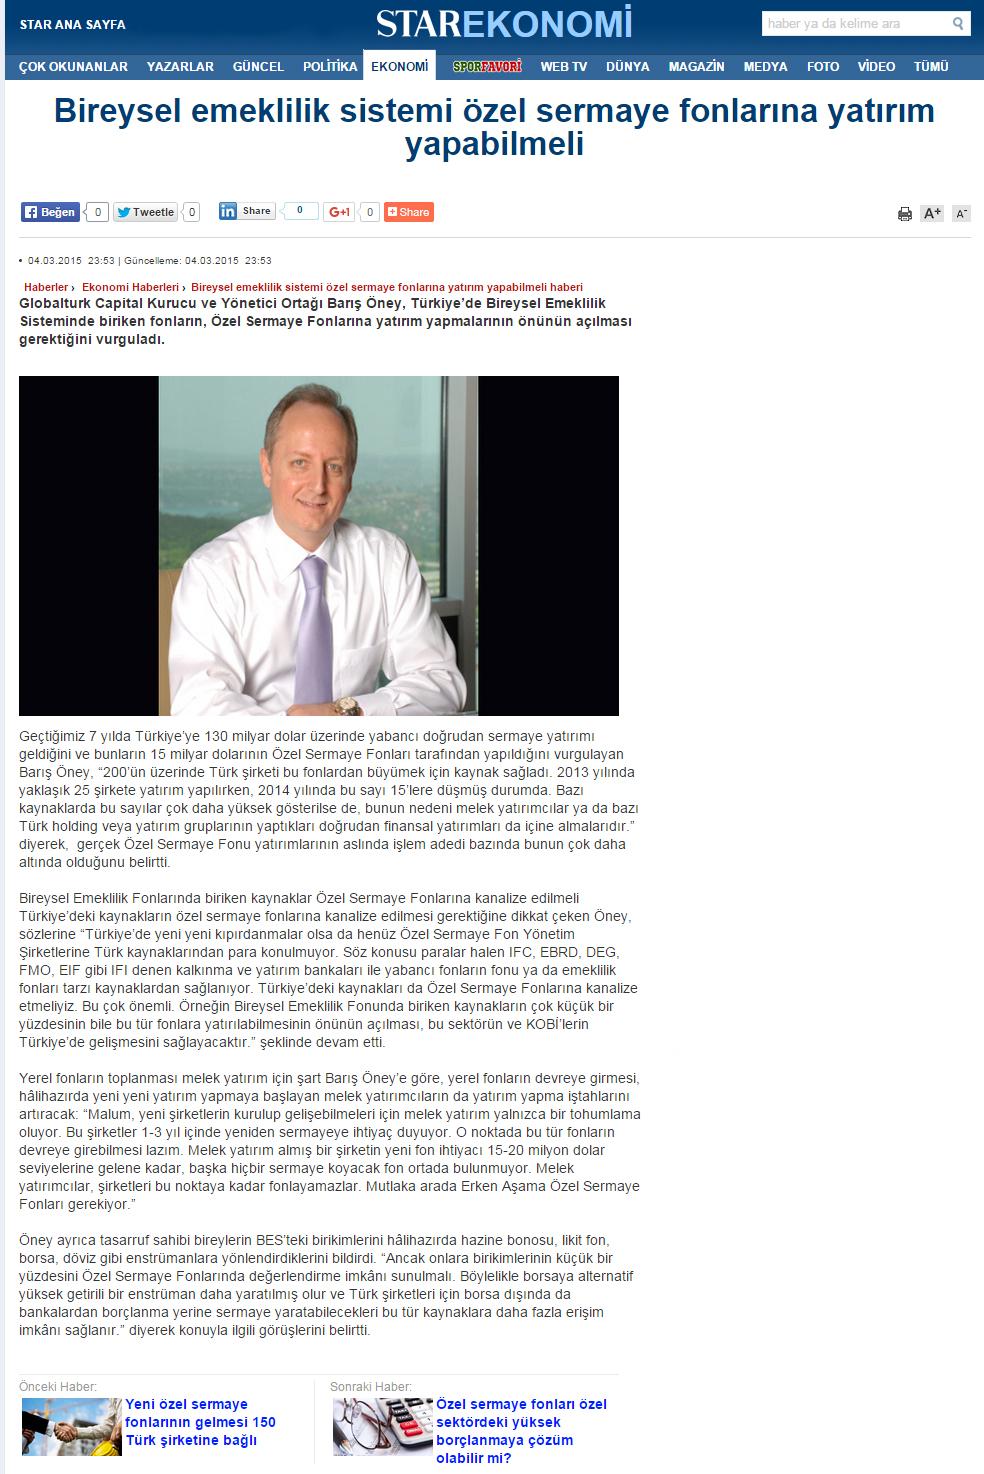 Bireysel Emeklilik Sistemi Özel Sermaye Fonlarına Yatırım Yapabilmeli | Star.com.tr